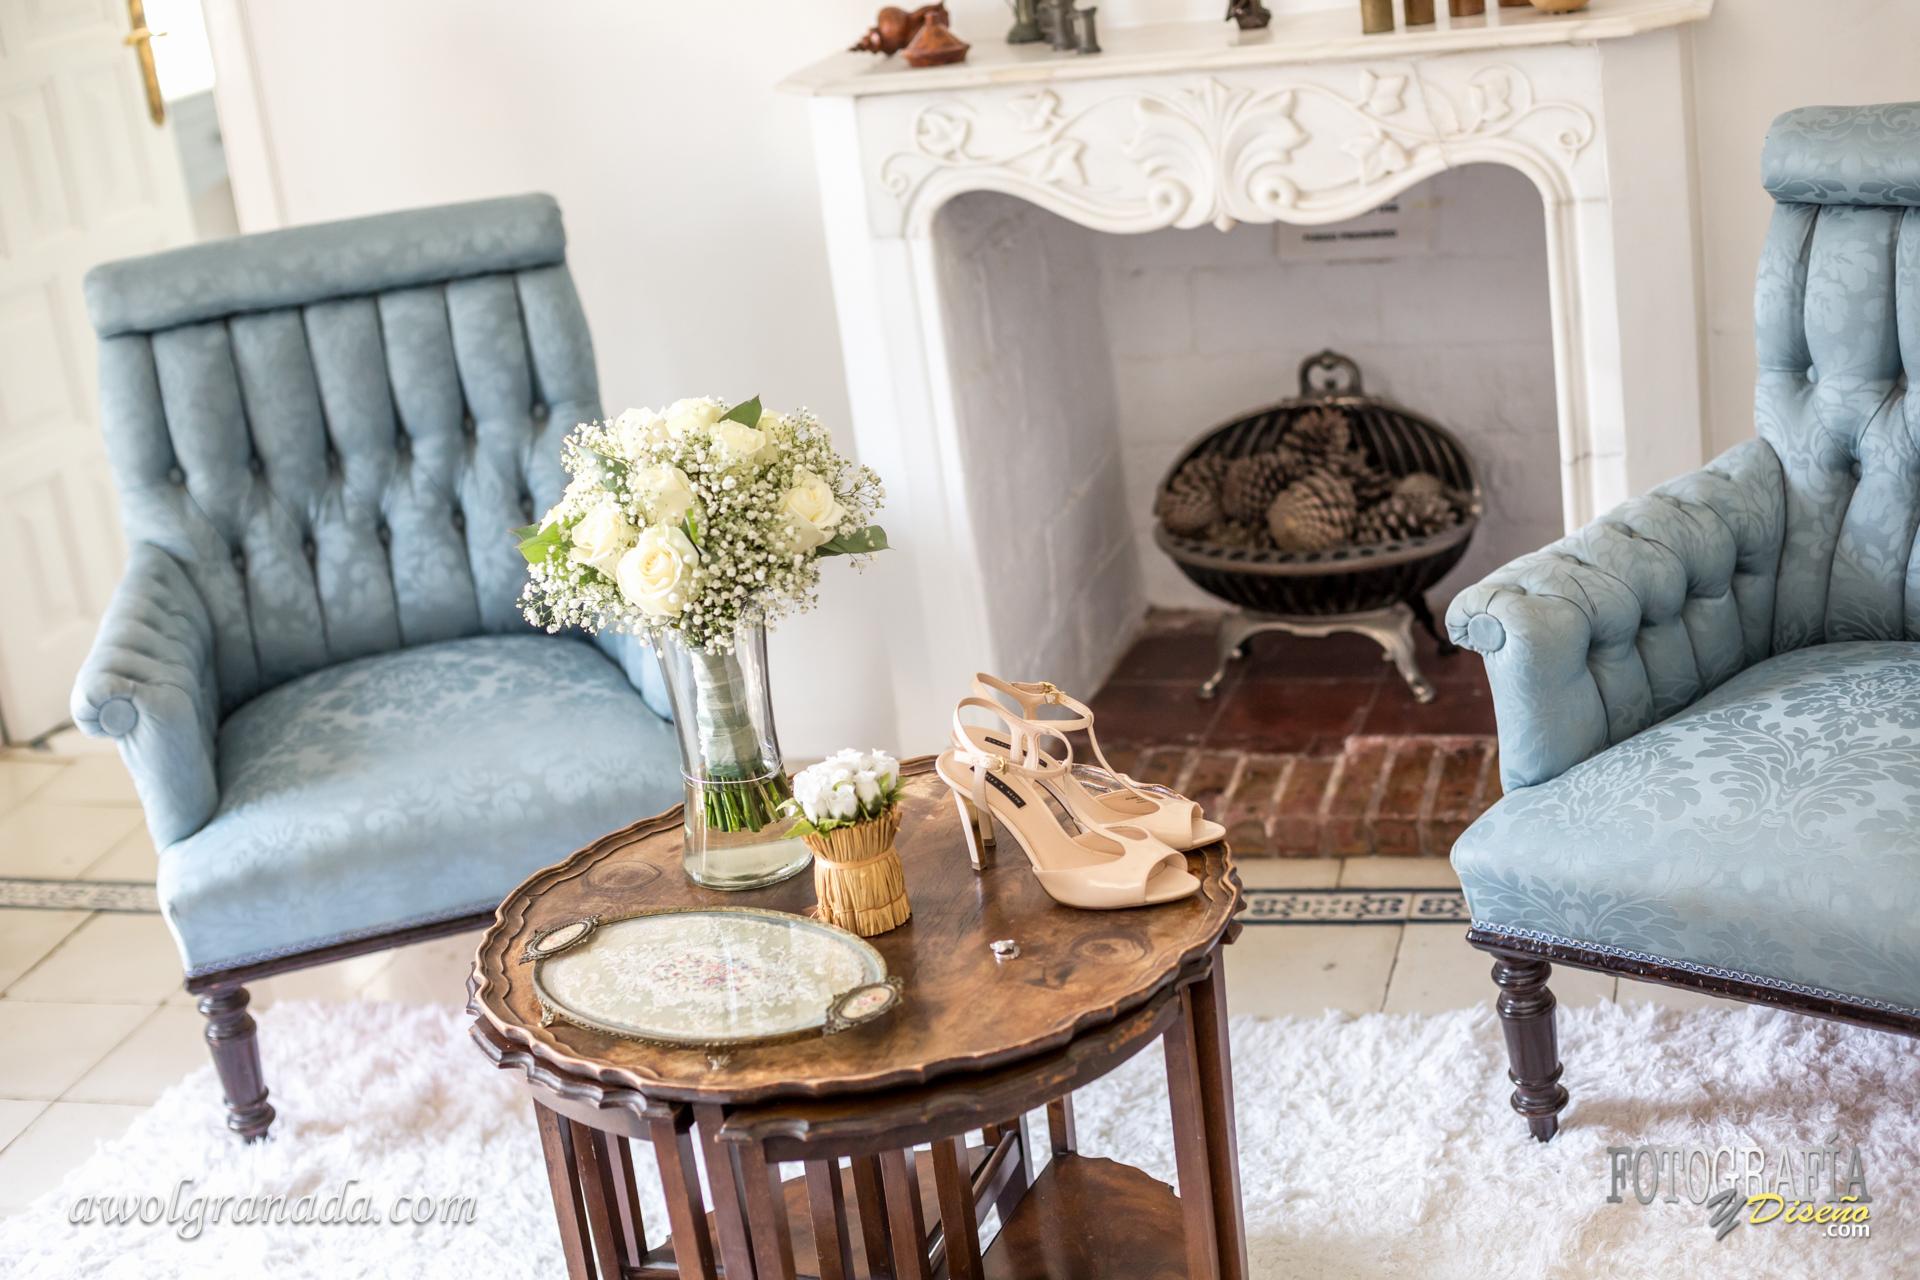 The Suite at the Palacete de Cazulas